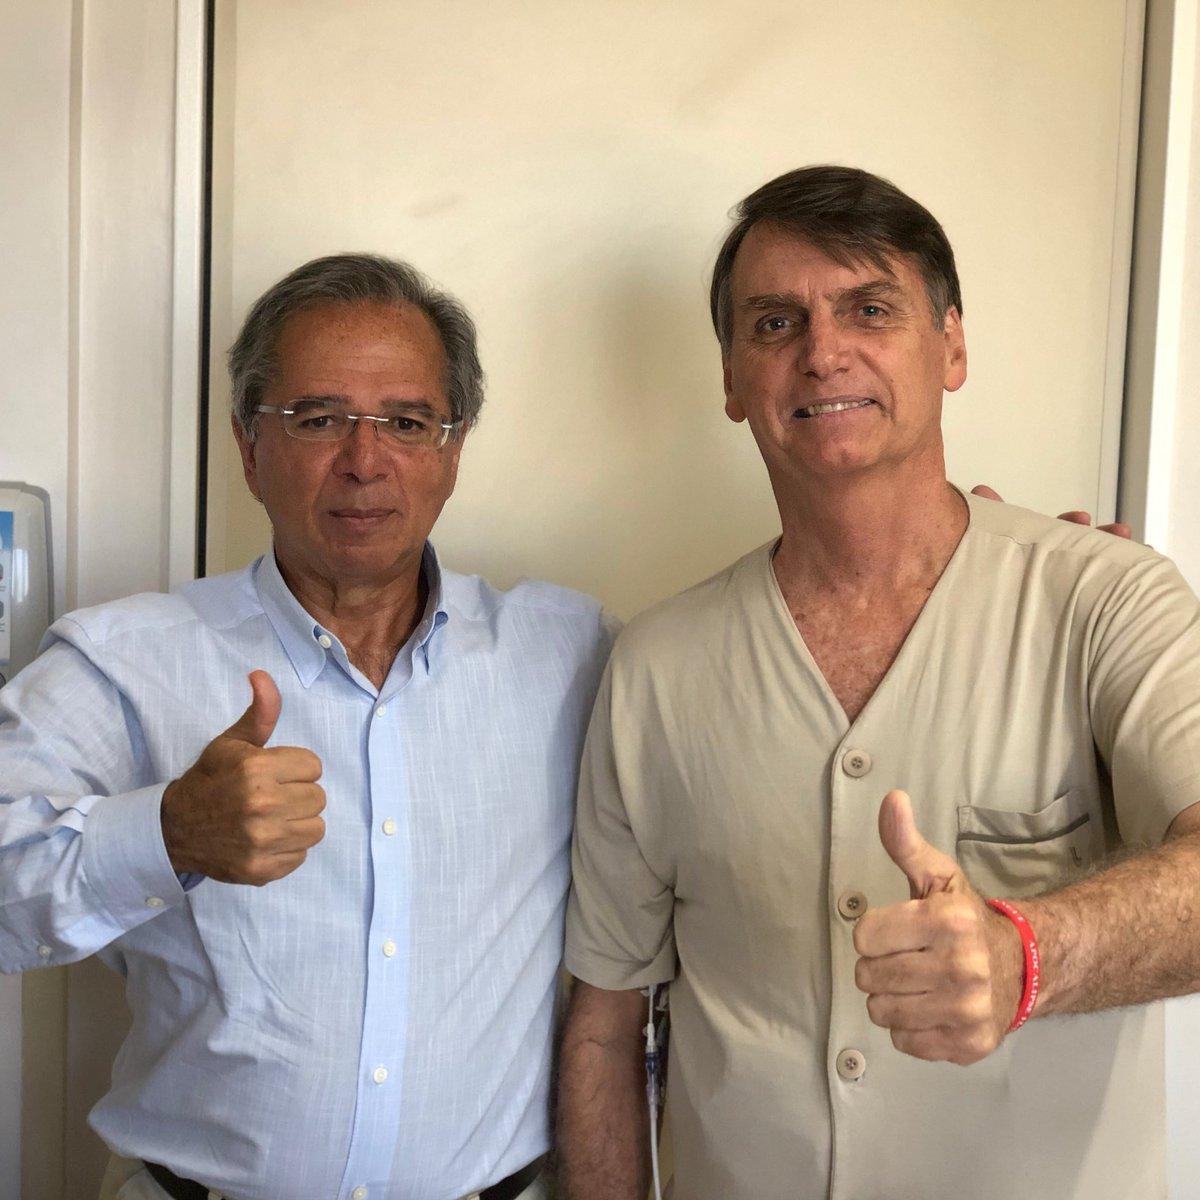 Leia a íntegra de procedimento aberto pela PRDF para investigar Paulo Guedes, guru do presidenciável Jair Bolsonaro (PSL), que é alvo de apuração por negócios com fundos de pensão https://t.co/KSNucyeqXf